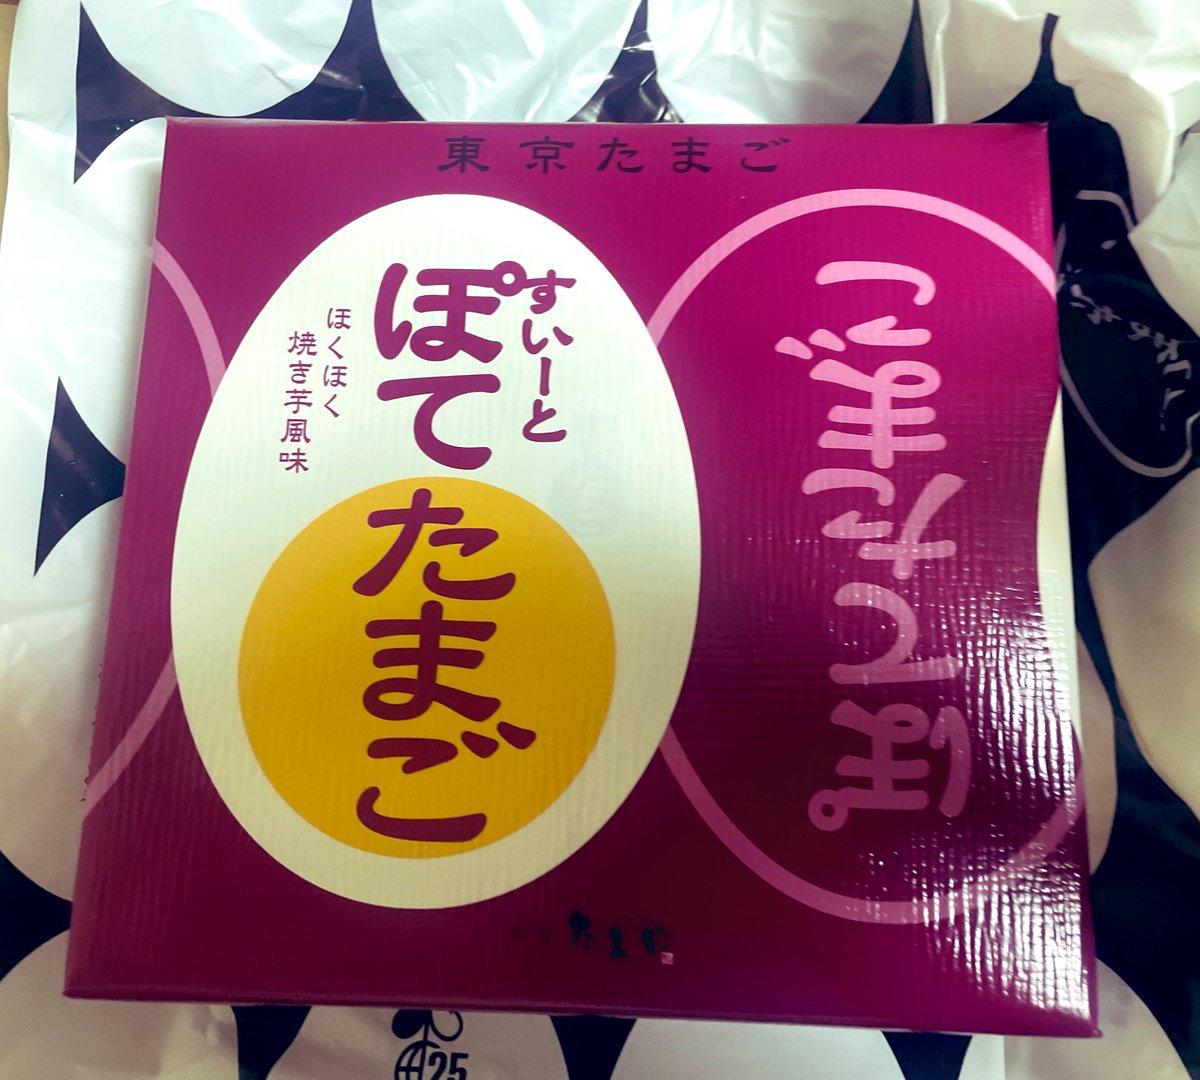 test ツイッターメディア - さっき公式を見つけた東京玉子本舗さん@tokyotamago_h🥚  我が家の東京土産の定番はごまたまごなんだけど、夫が出張帰りに買って来てくれた『すいーとぽてたまご』が期待を裏切らず美味しくて🍠  HPを調べたら他にも色々種類があって…ついポチポチと買ってしまった!  楽しみ!!!!! https://t.co/kXXgzWcibQ